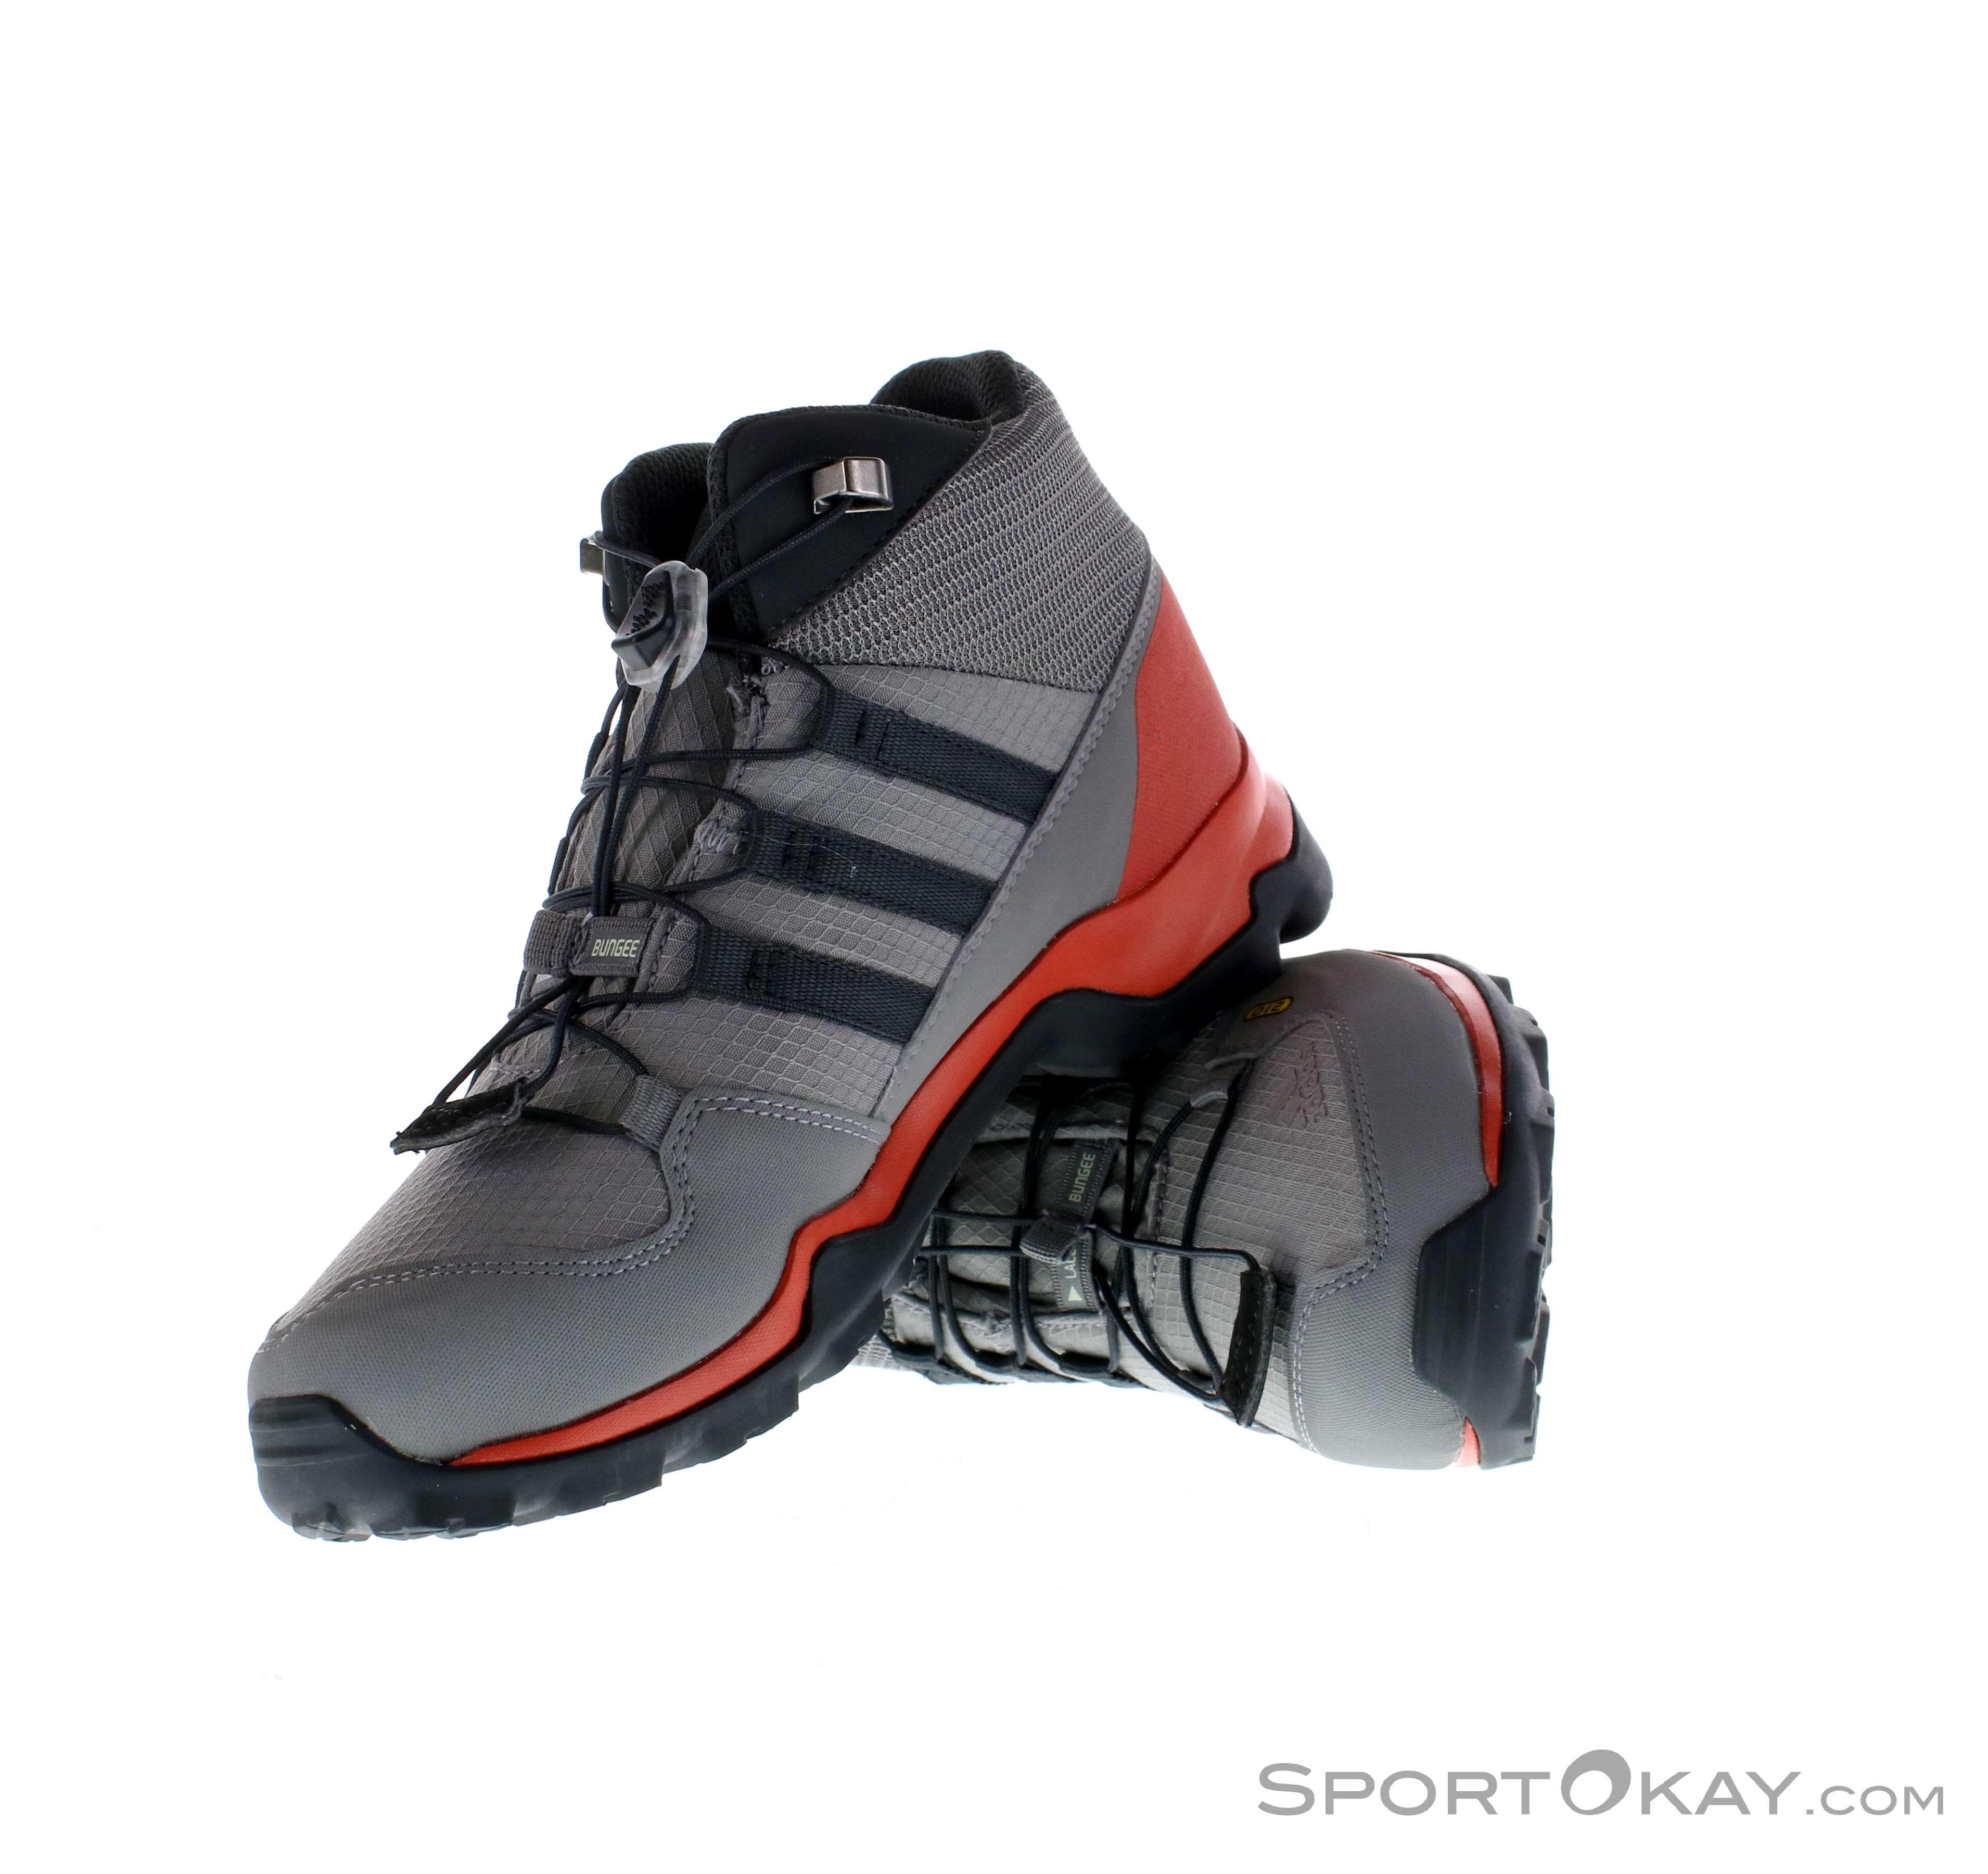 1d3fdc37aafe9a adidas Terrex Mid GTX Kids Hiking Boots Gore-Tex - Trekking Shoes ...